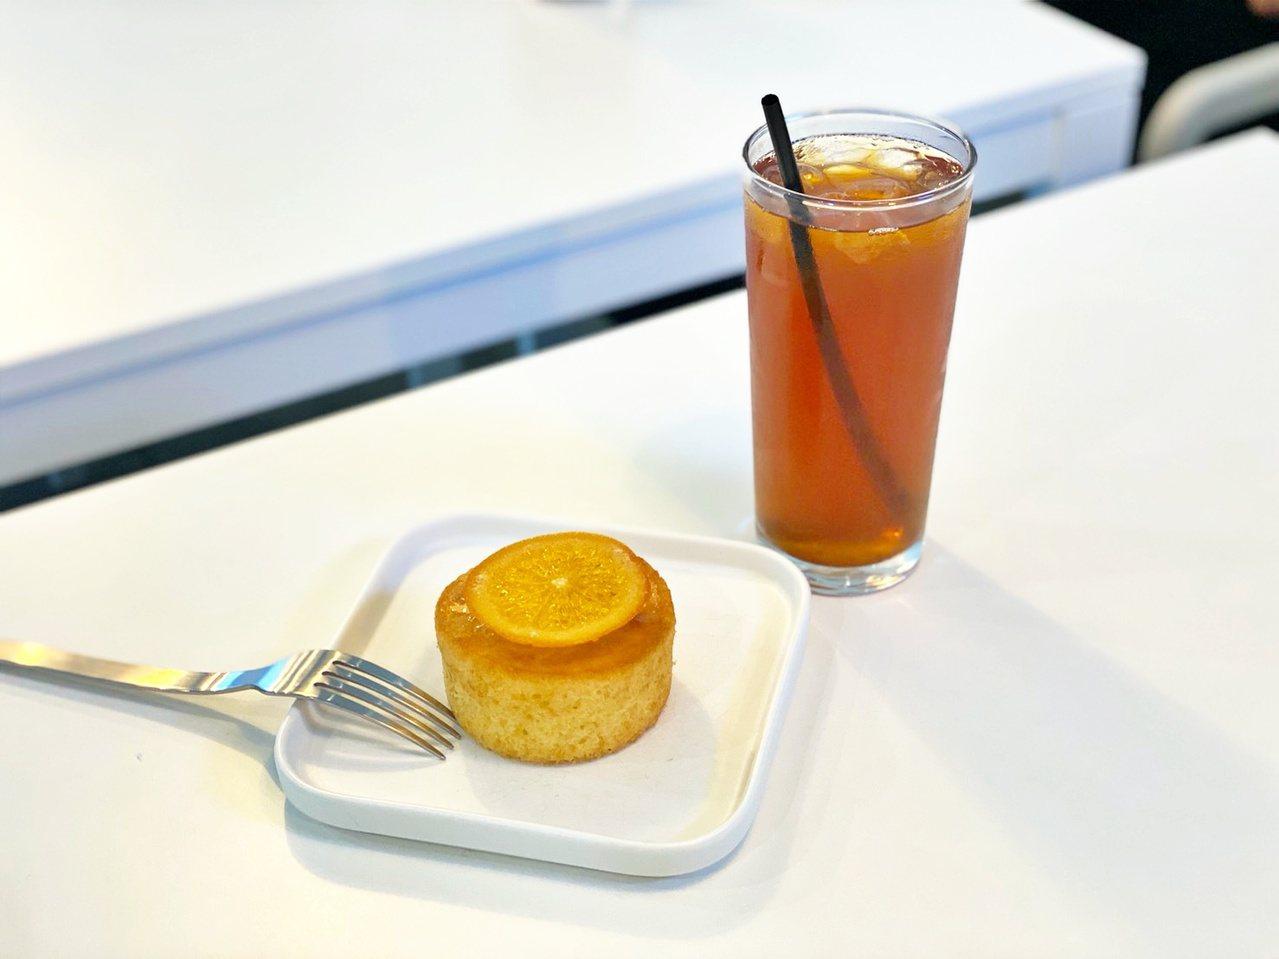 磅蛋糕可說是店內的招牌,口味相當多種可選擇,另一定要品嘗的就是紅茶。記者魏妤庭/...